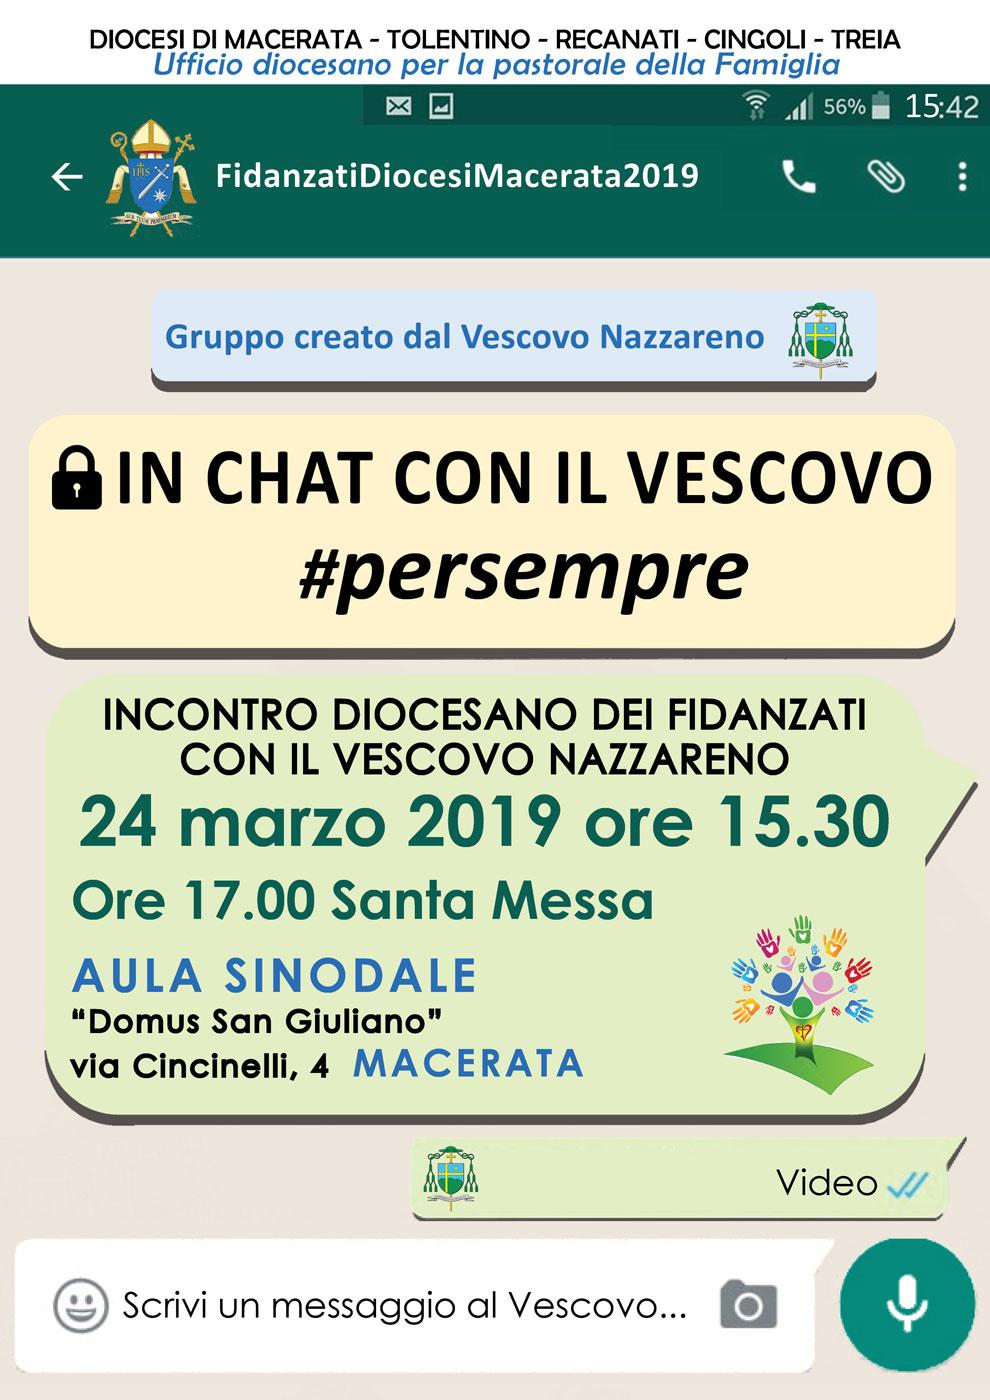 2019-03-24-incontro-fidanzati-diocesi